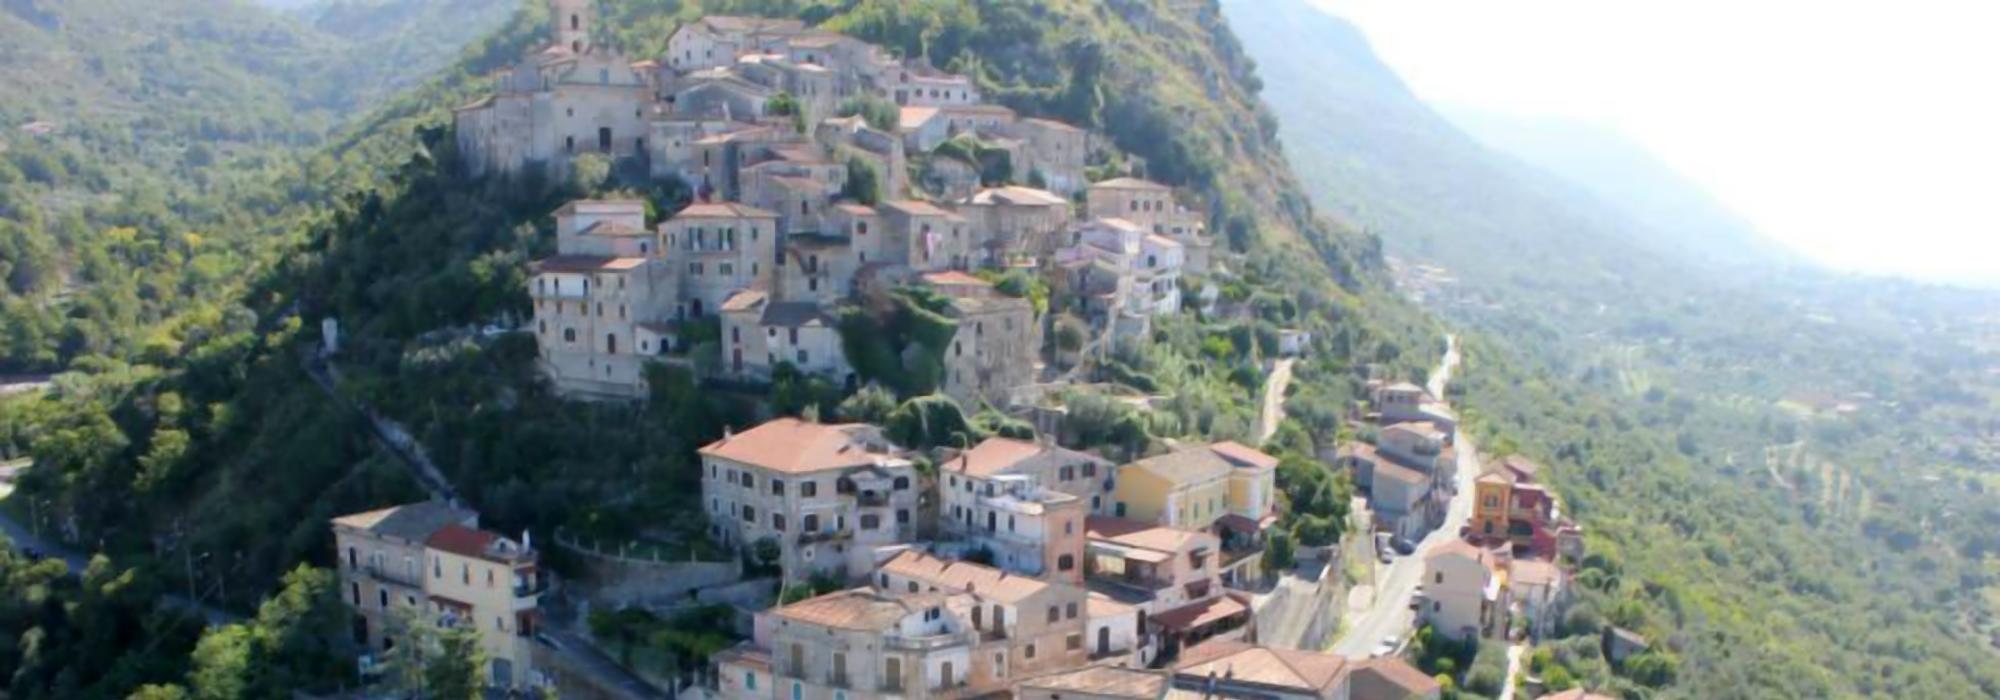 Roccasecca (Castello)